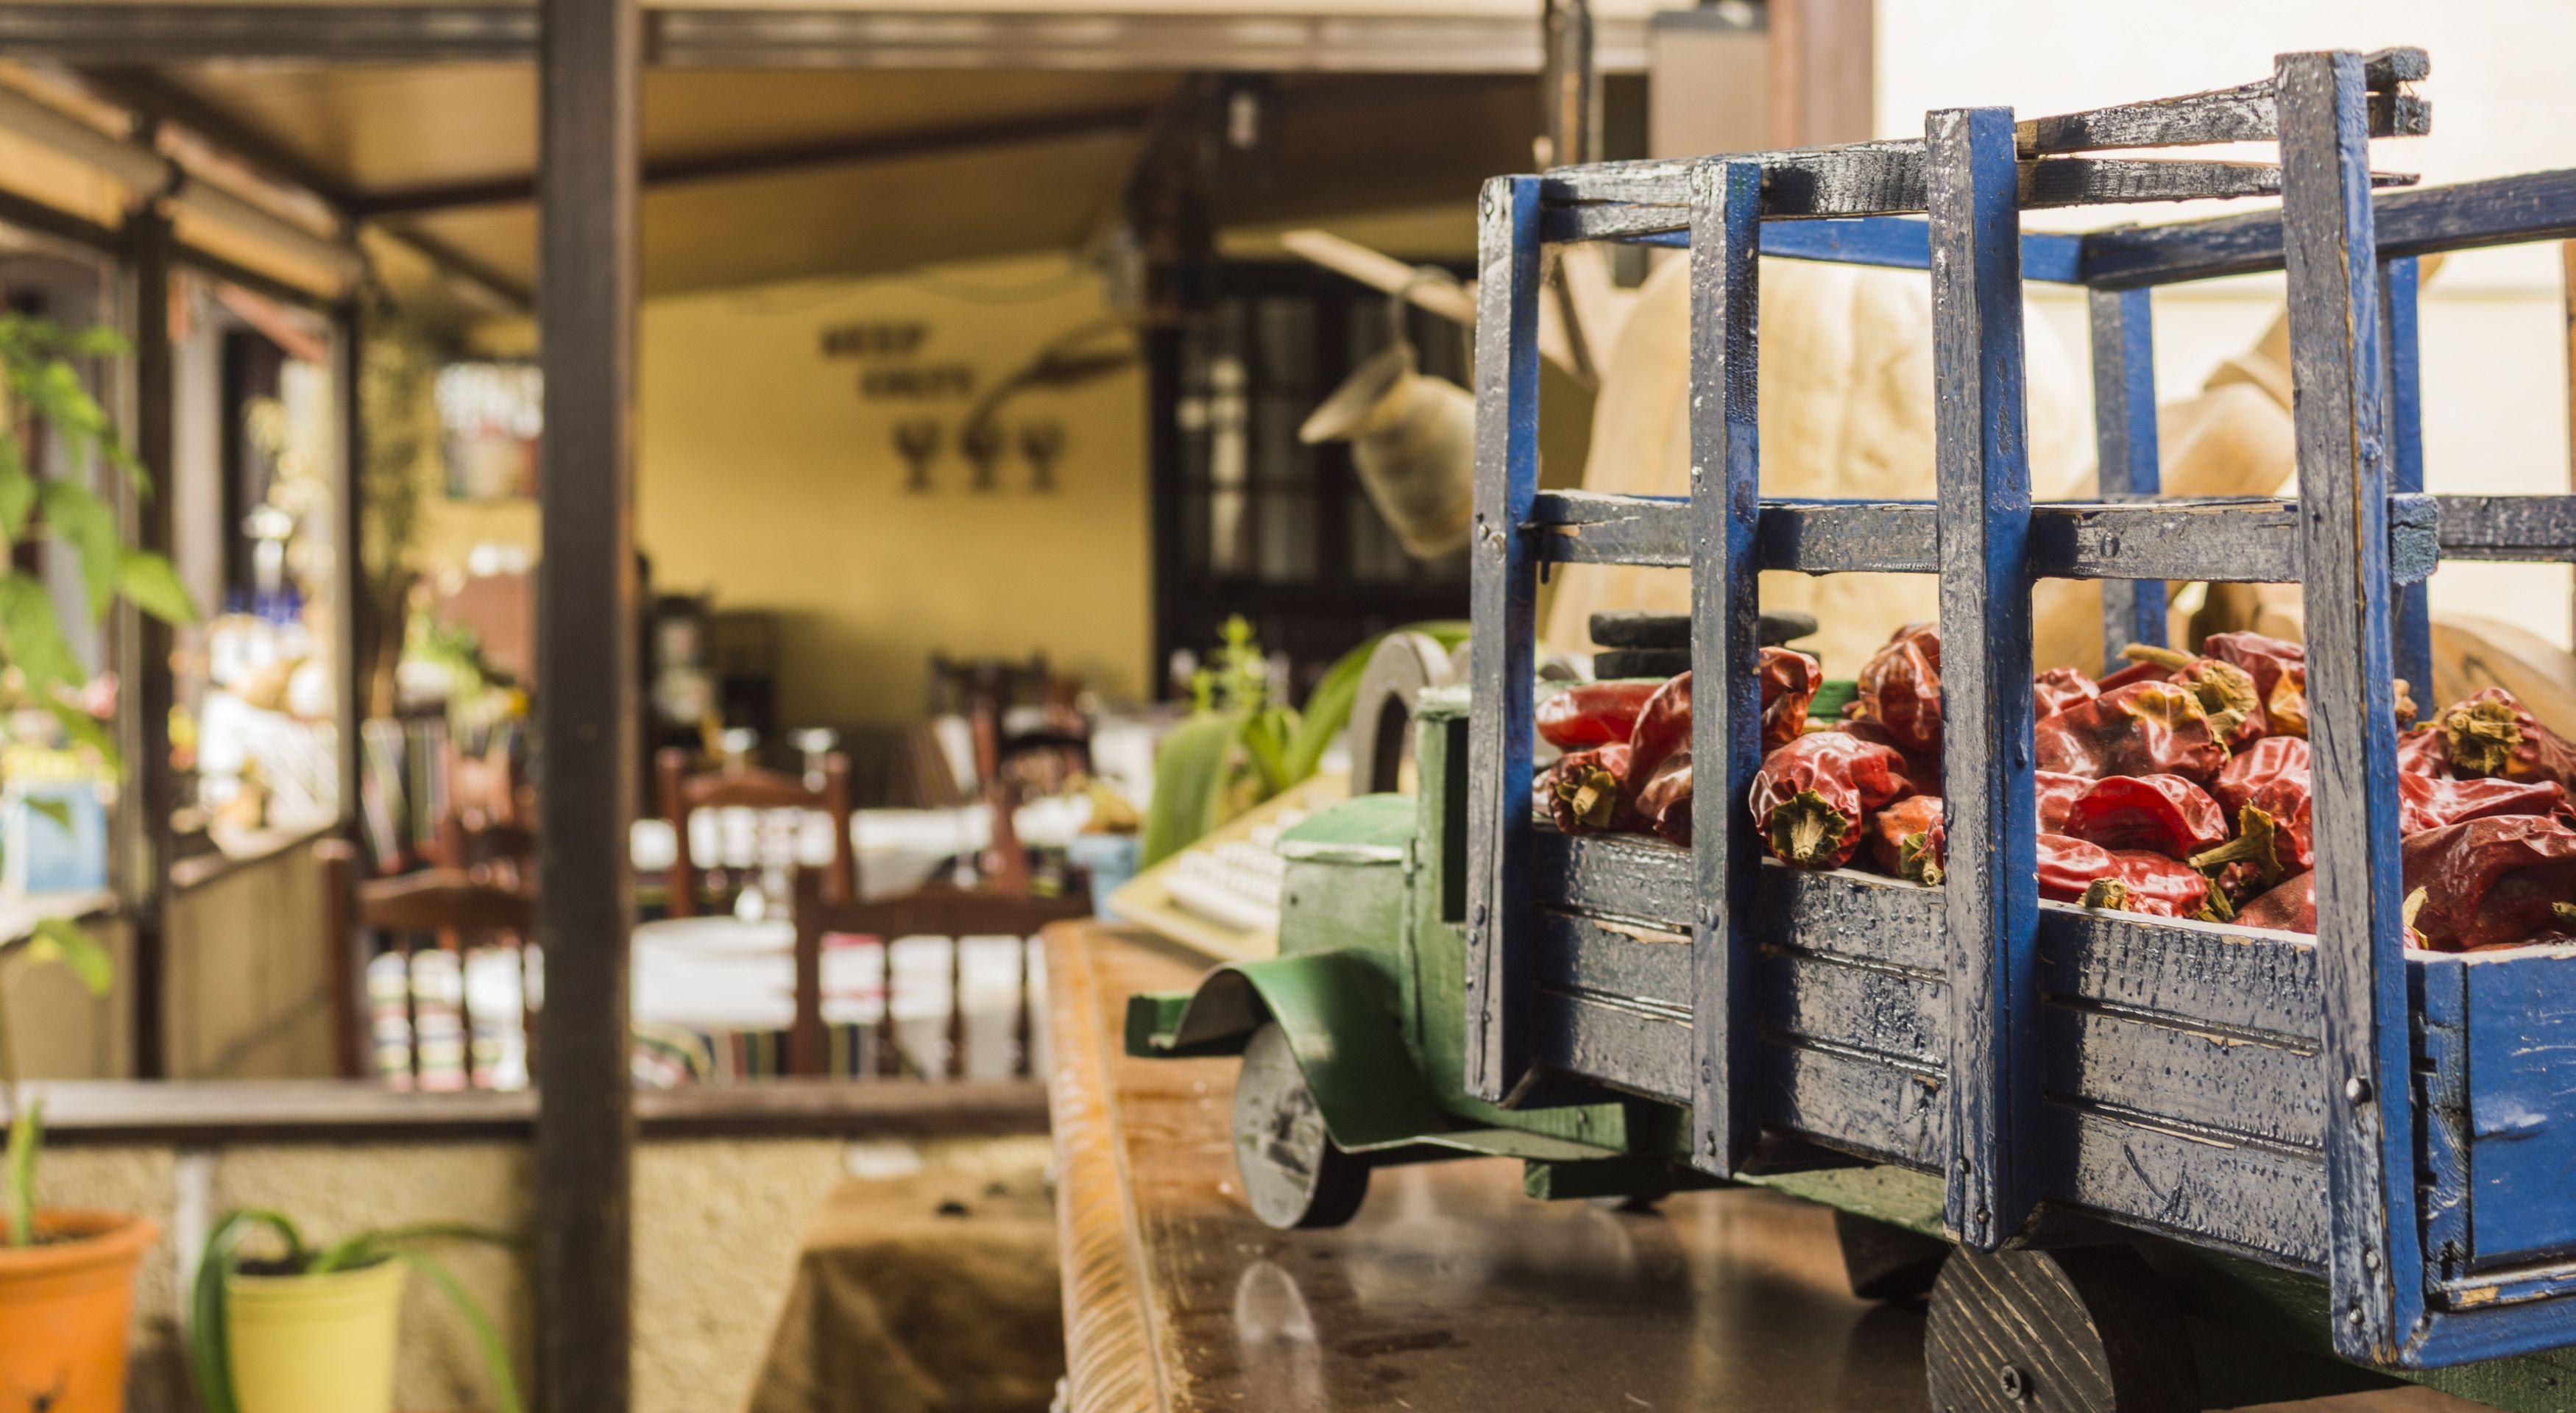 Cocina canaria moderna en Santa Cruz de Tenerife